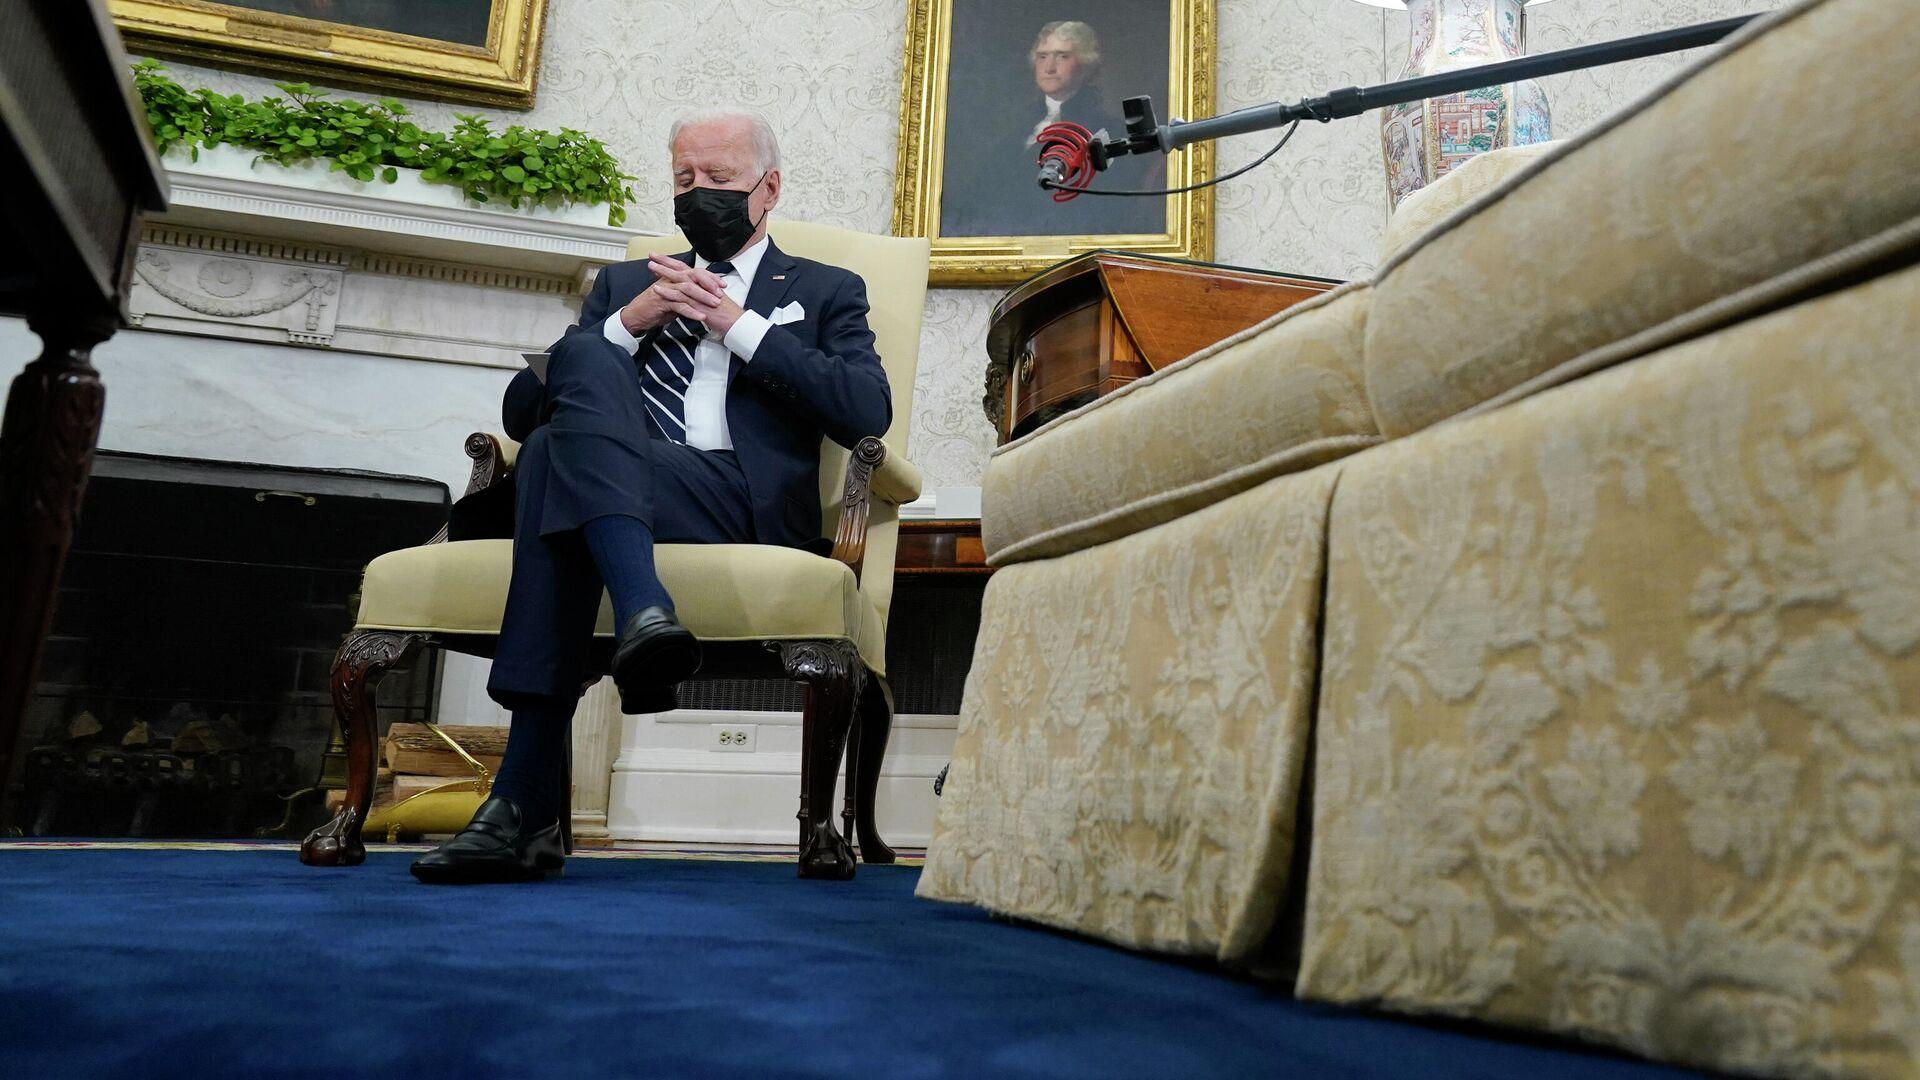 Президент Джо Байден во время встречи с премьер-министром Израиля Нафтали Беннеттом - РИА Новости, 1920, 29.08.2021